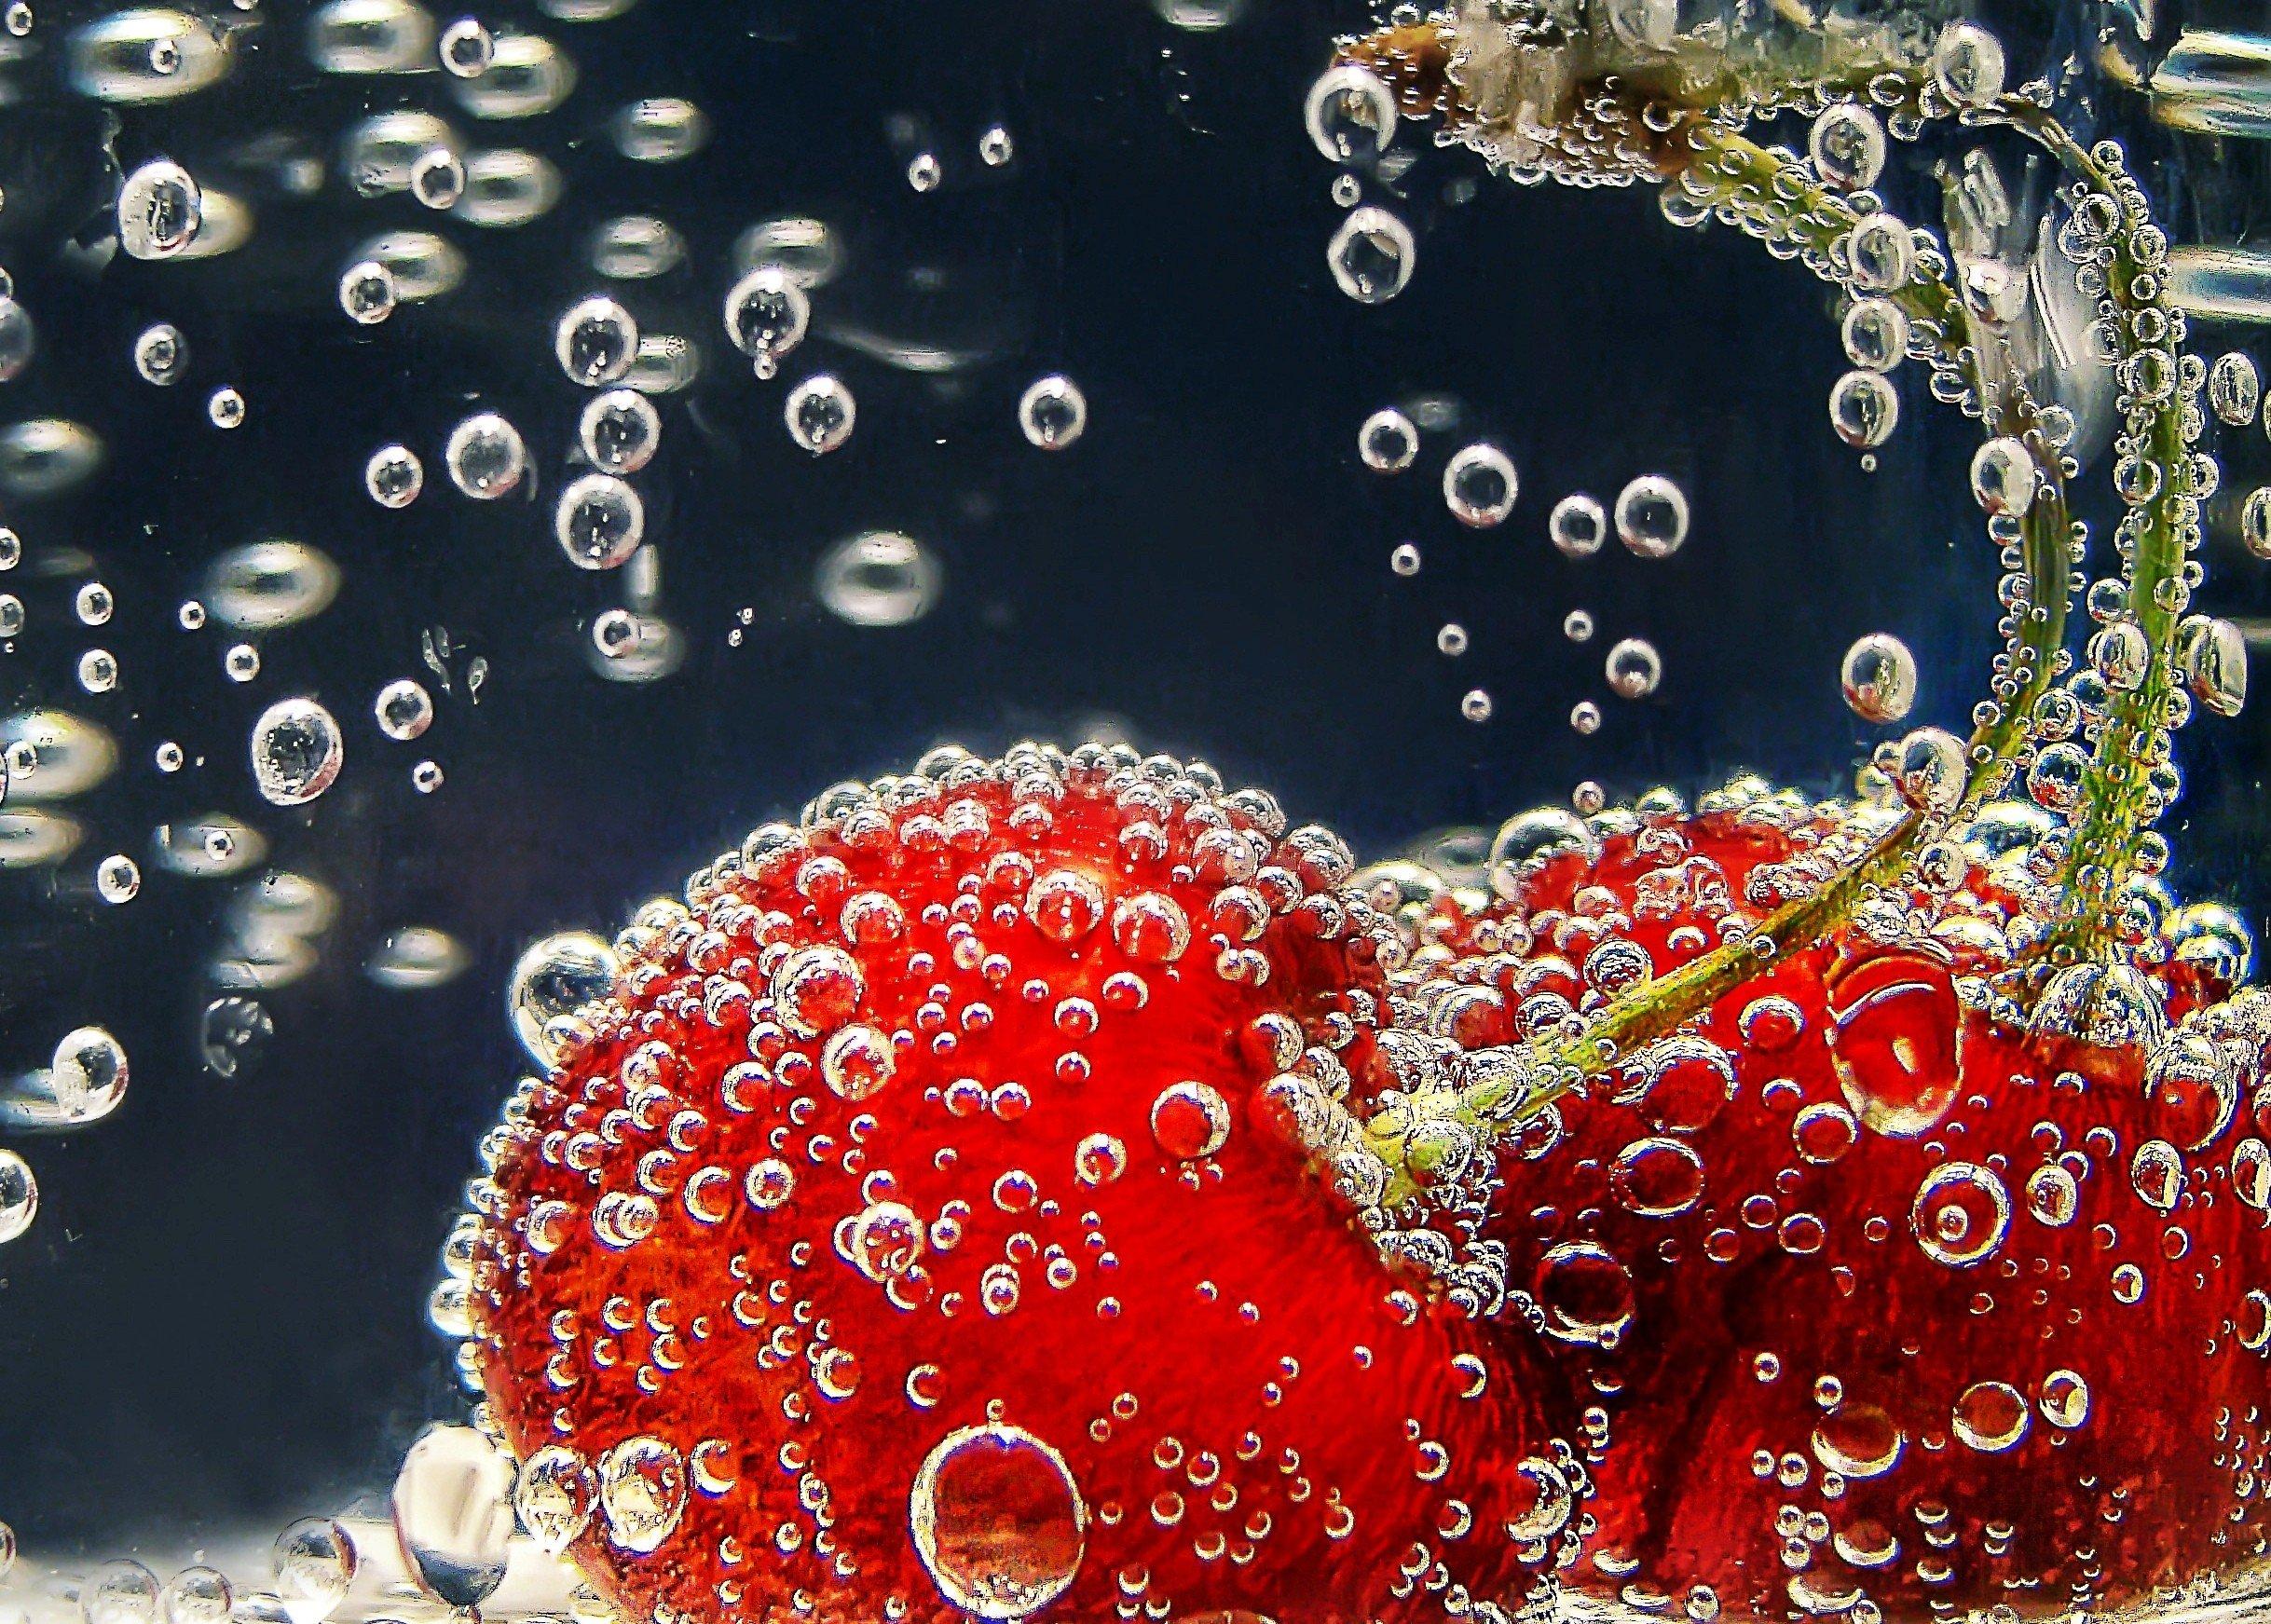 Как фотографировать ягоды с пузырями